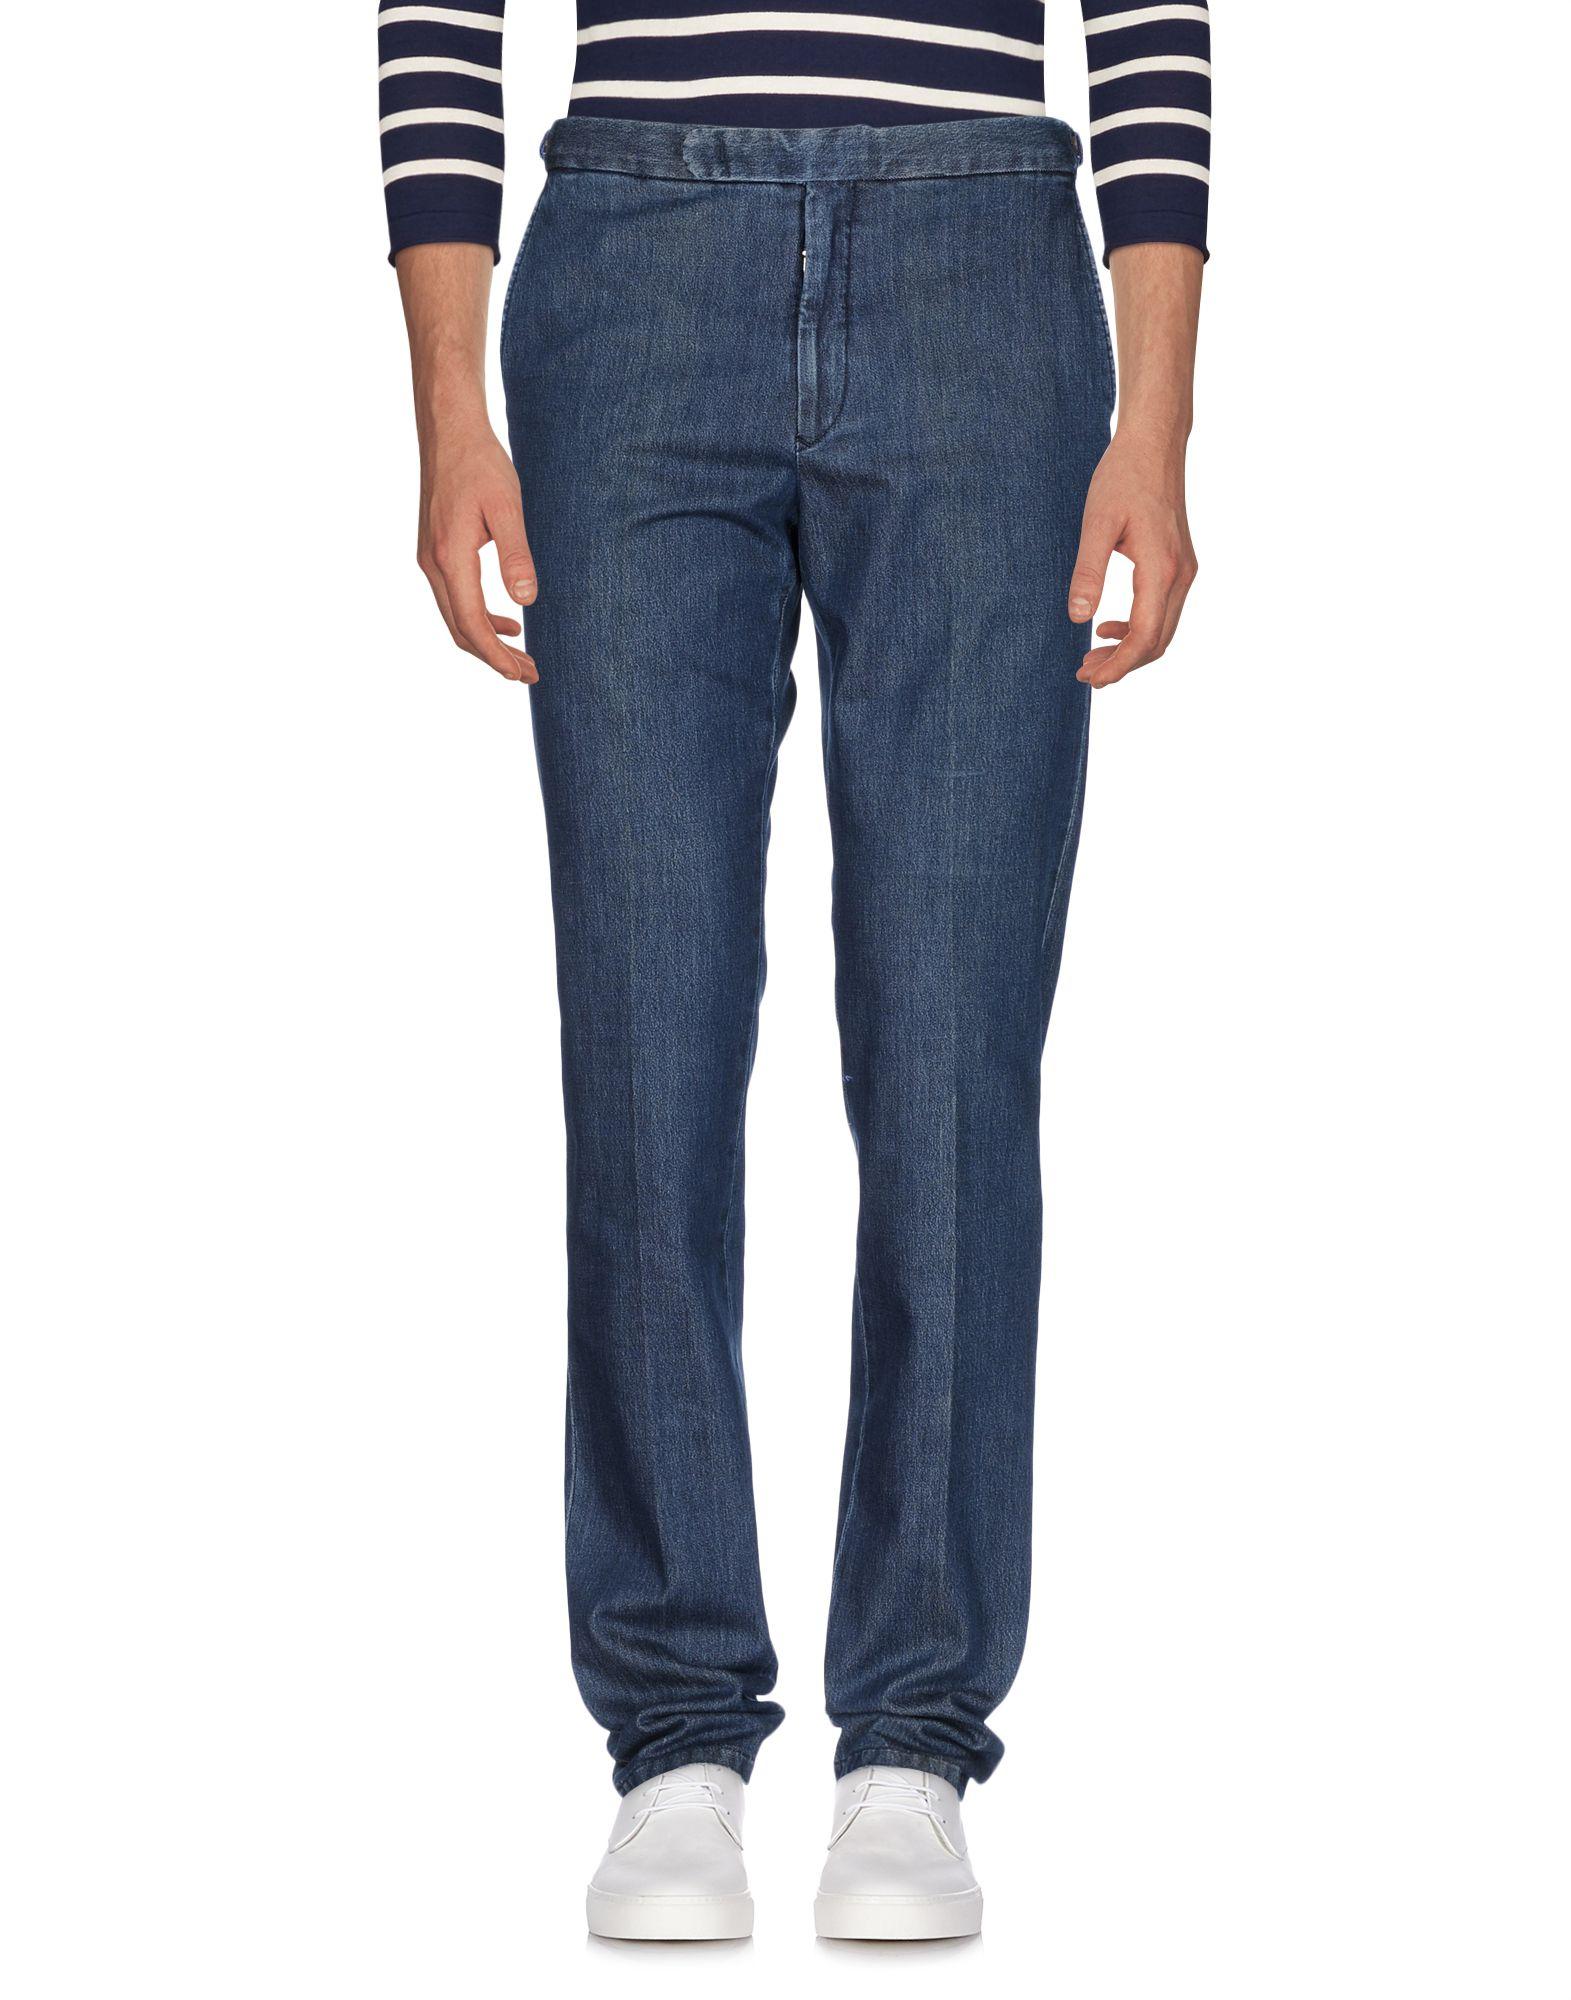 C&C PANTALONI Джинсовые брюки все цены